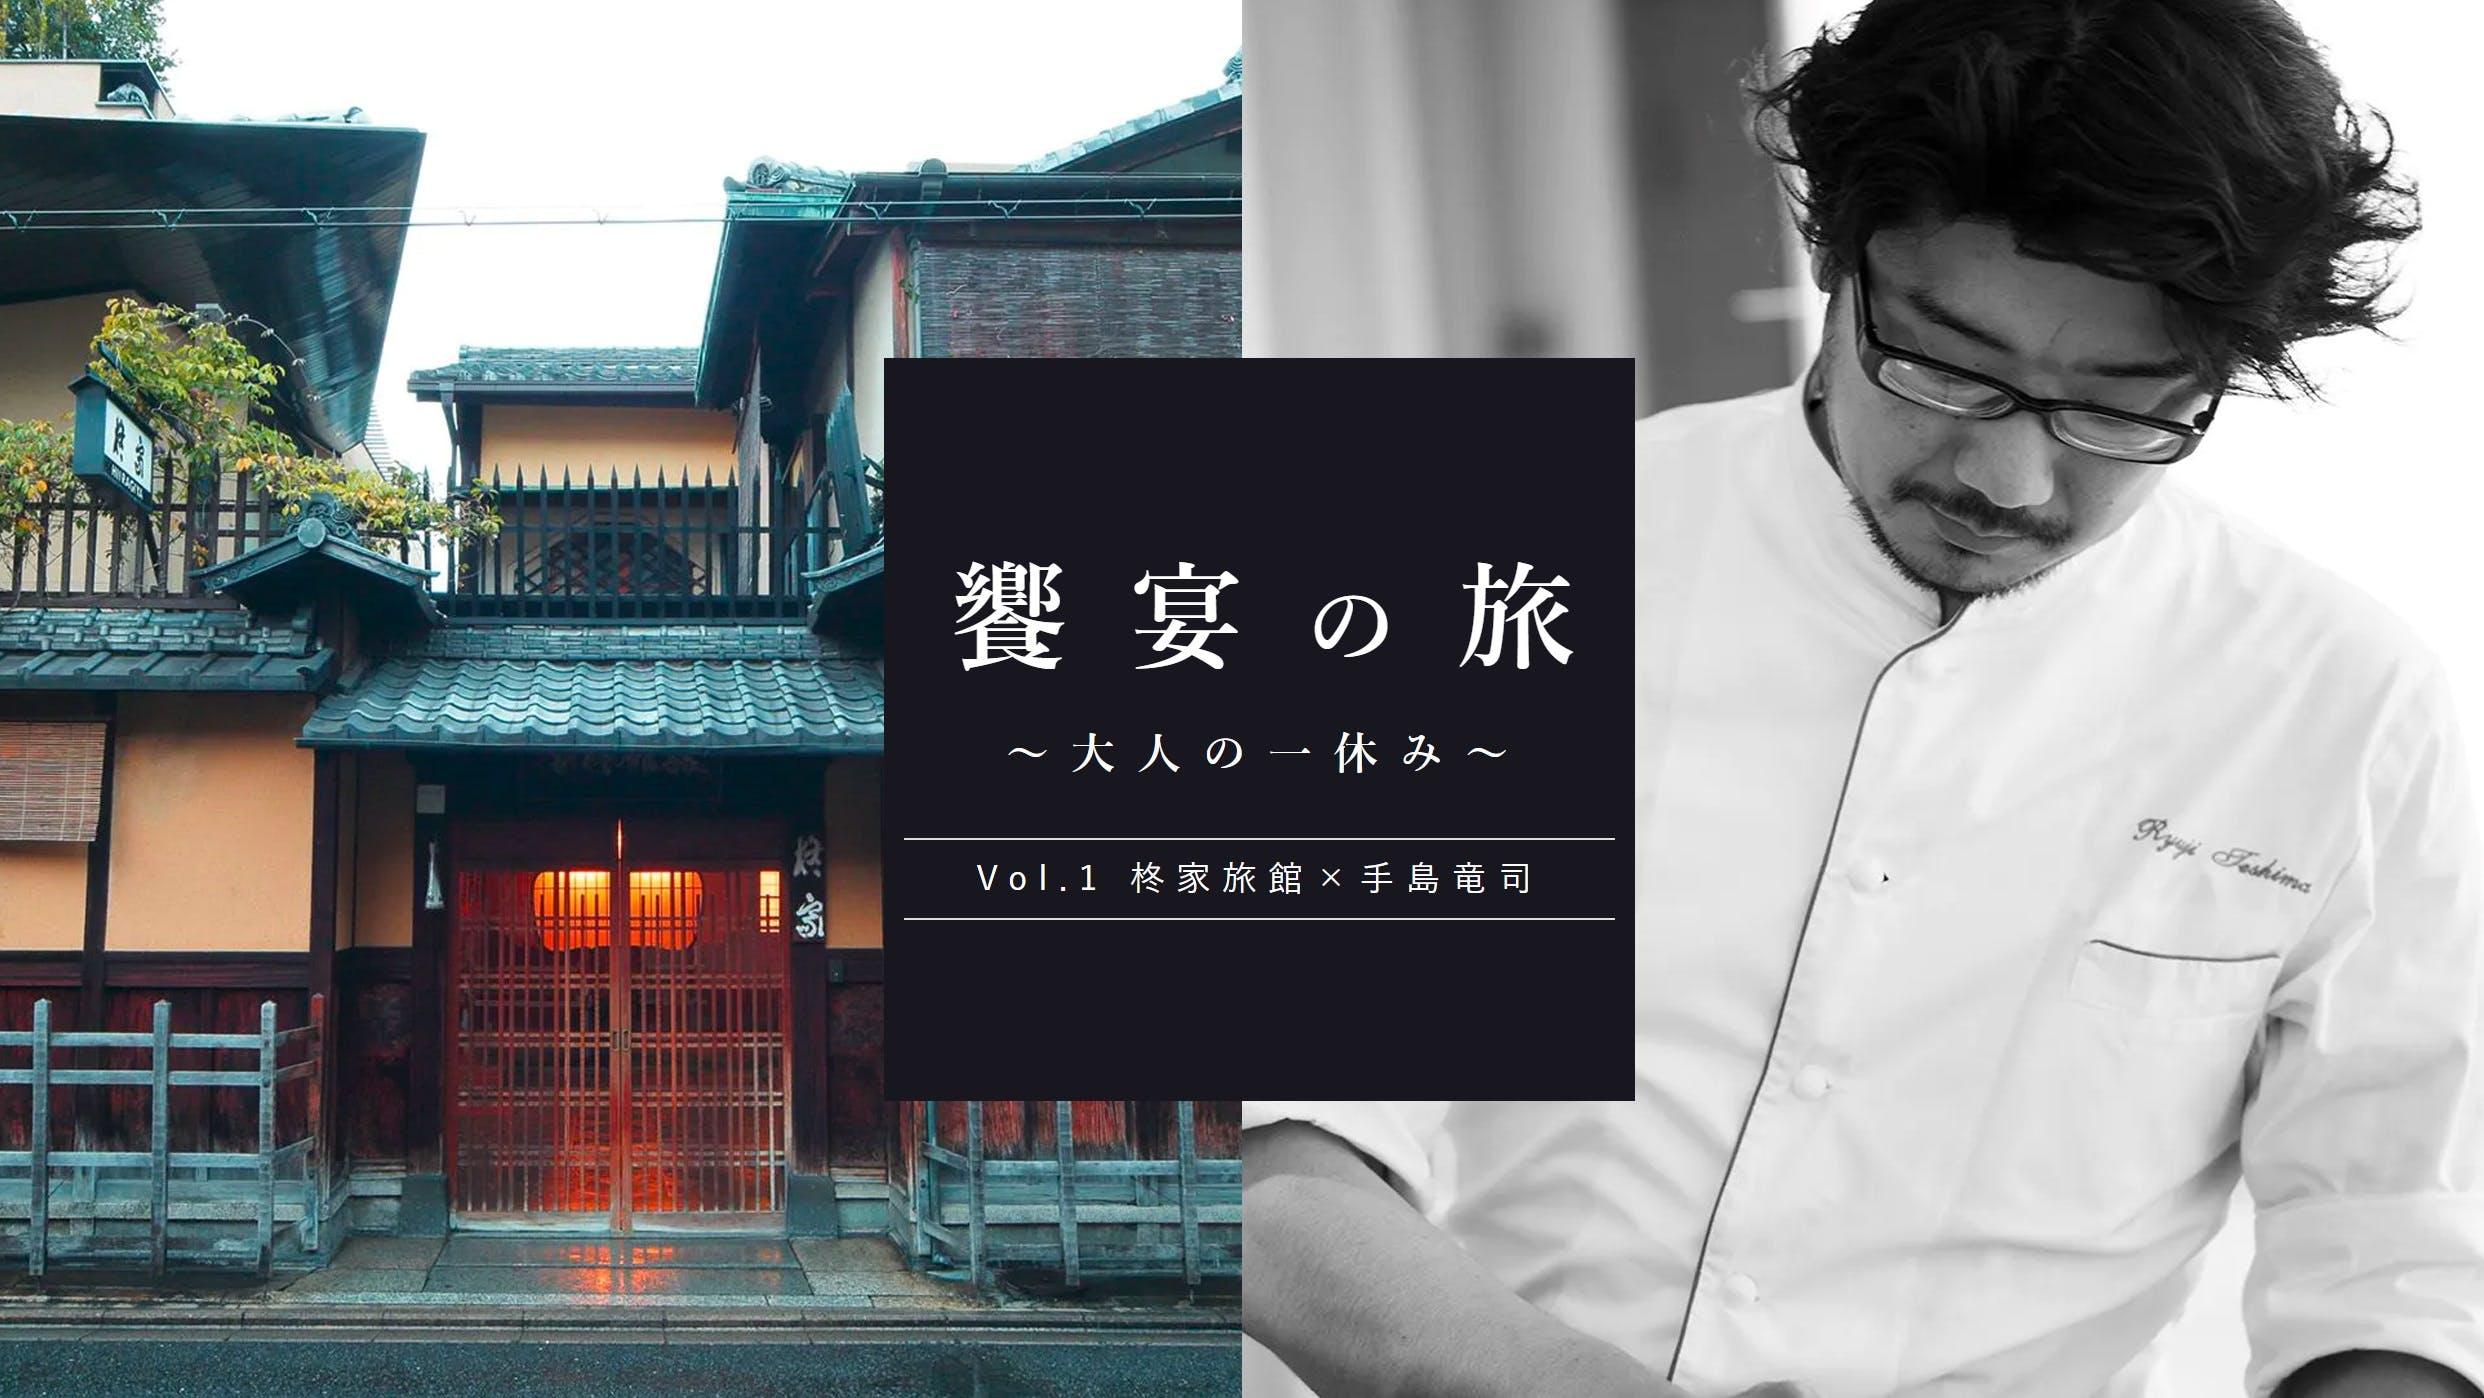 京都「柊家旅館」でパリのスターシェフ・手島竜司氏のお料理を!「饗宴の旅~大人の一休み~」新着情報